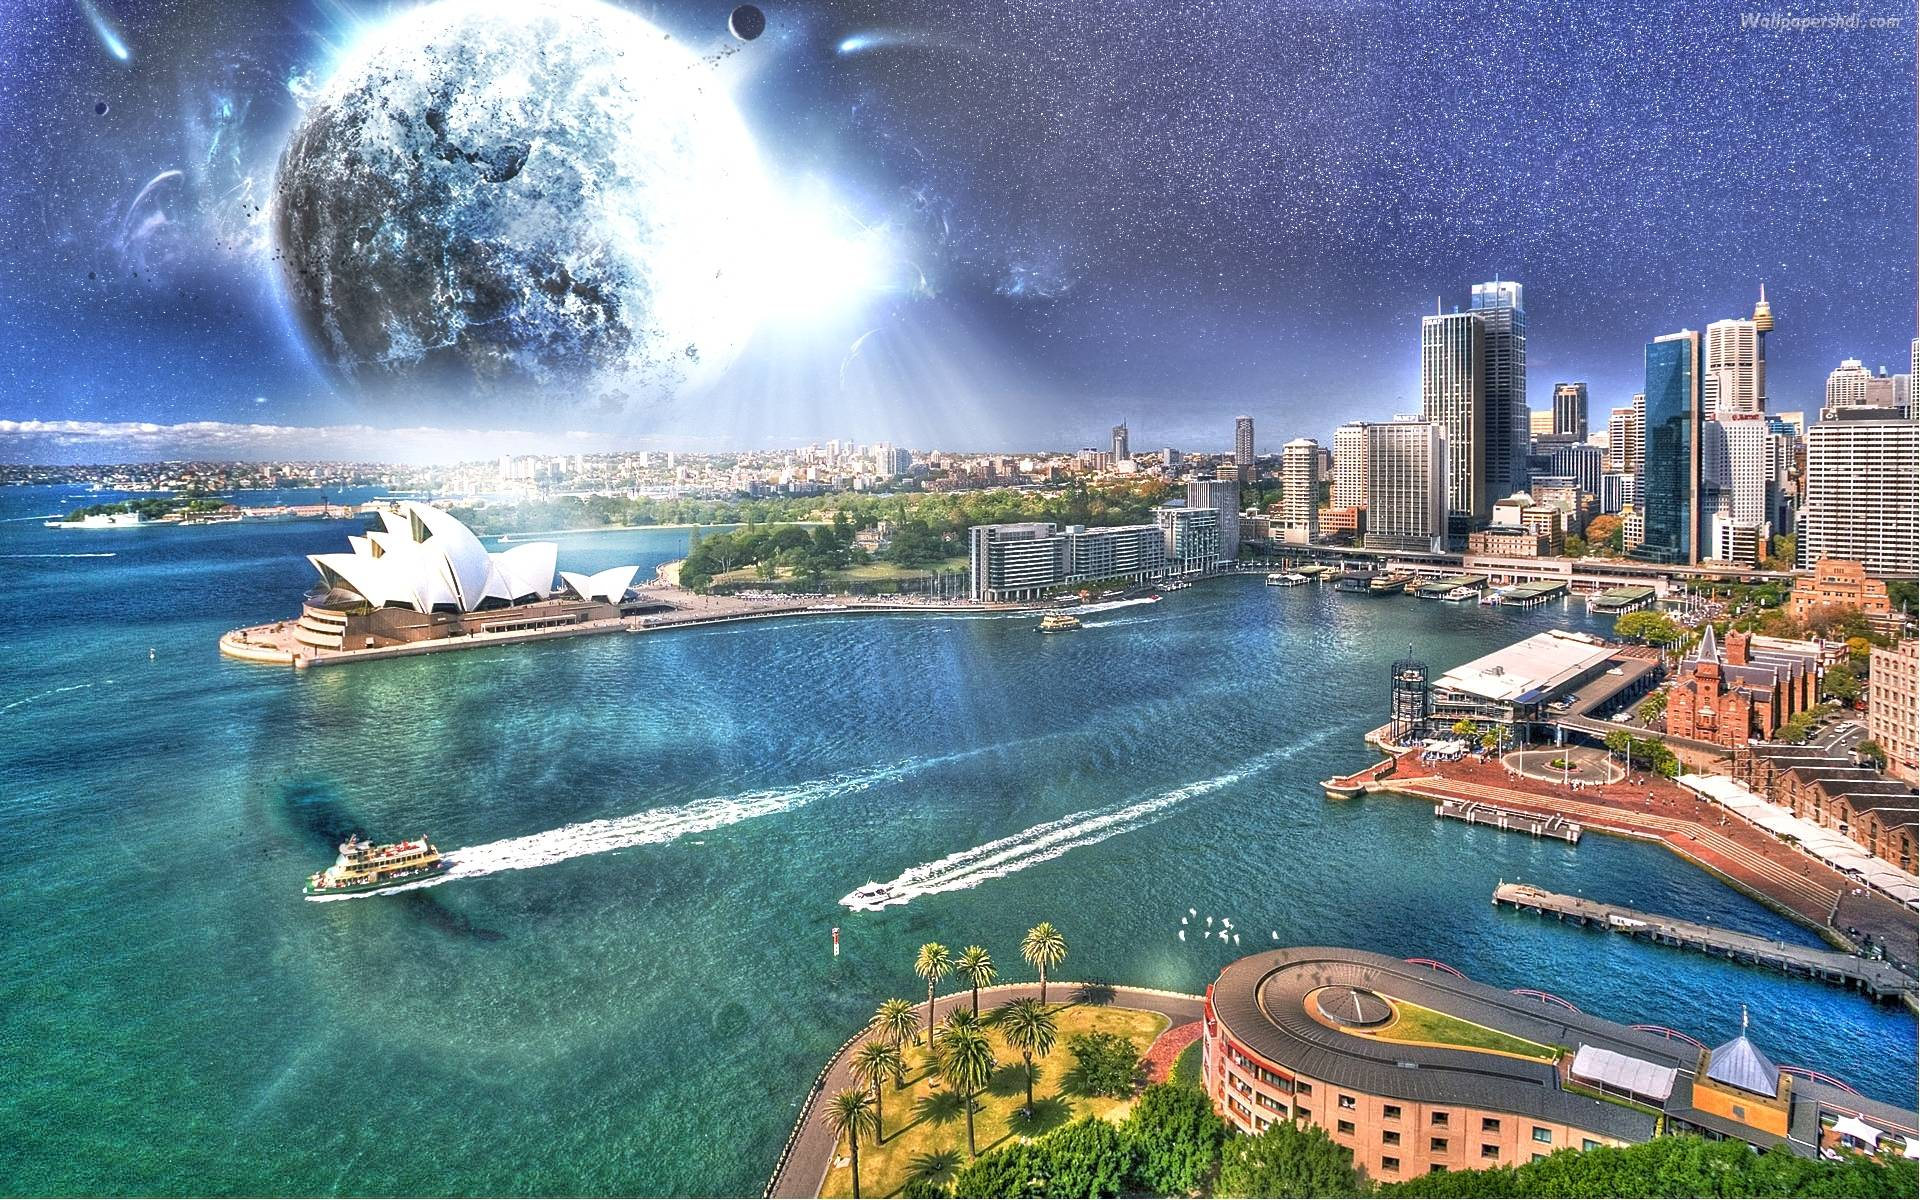 sydney escenario hd wallpapers - photo #12